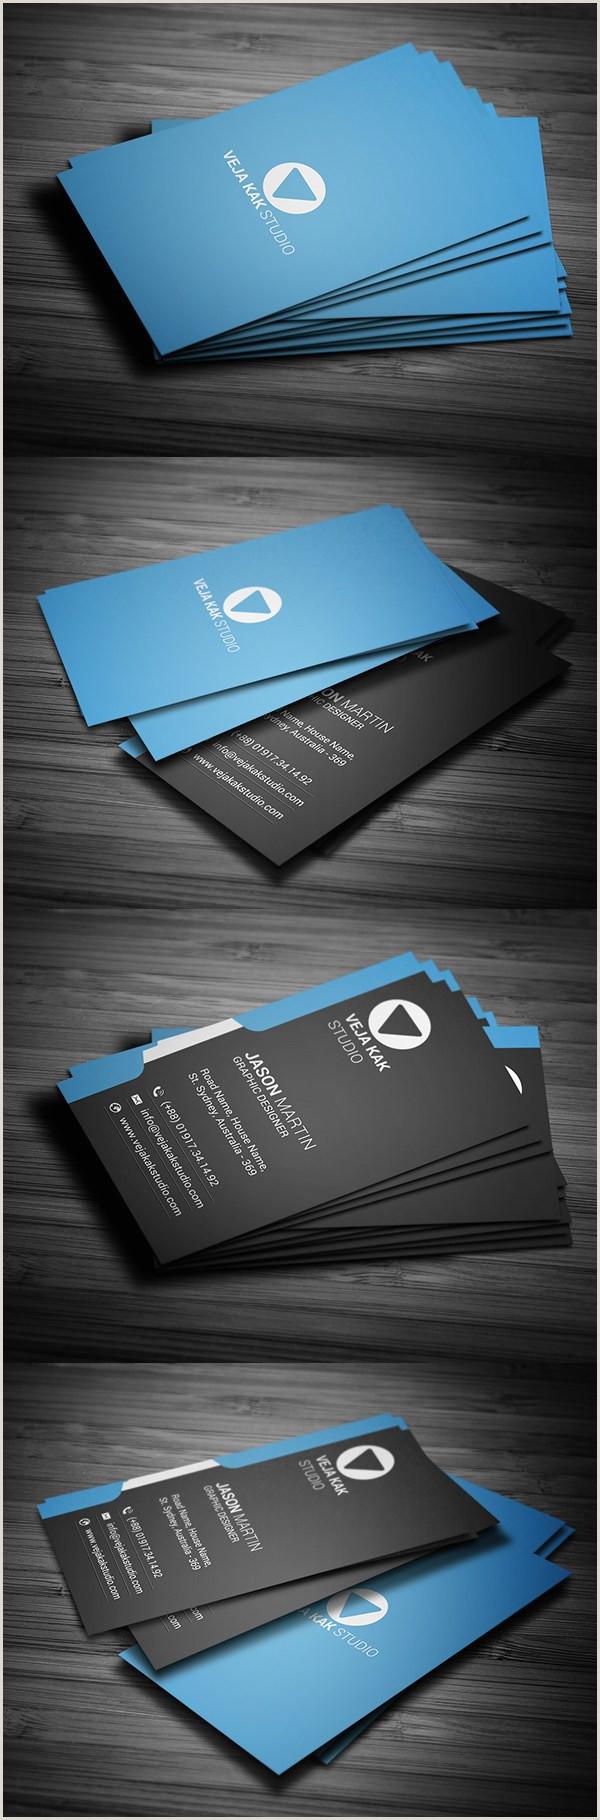 Best Business Card Designs Modern Vertical Business Card